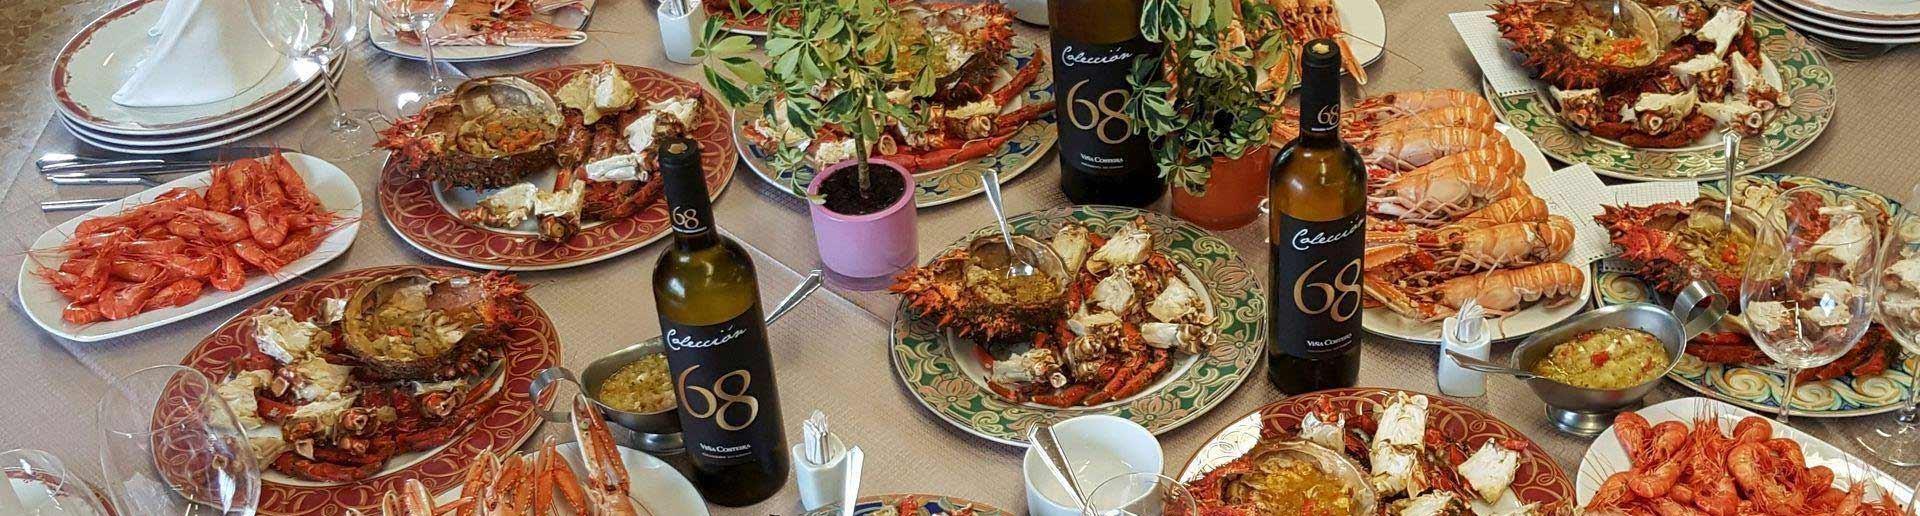 Mesa con surtido de mariscos y vino blanco: camarones de la ría, centolla fresca gallega, cigalas de la ría, nécoras frescas